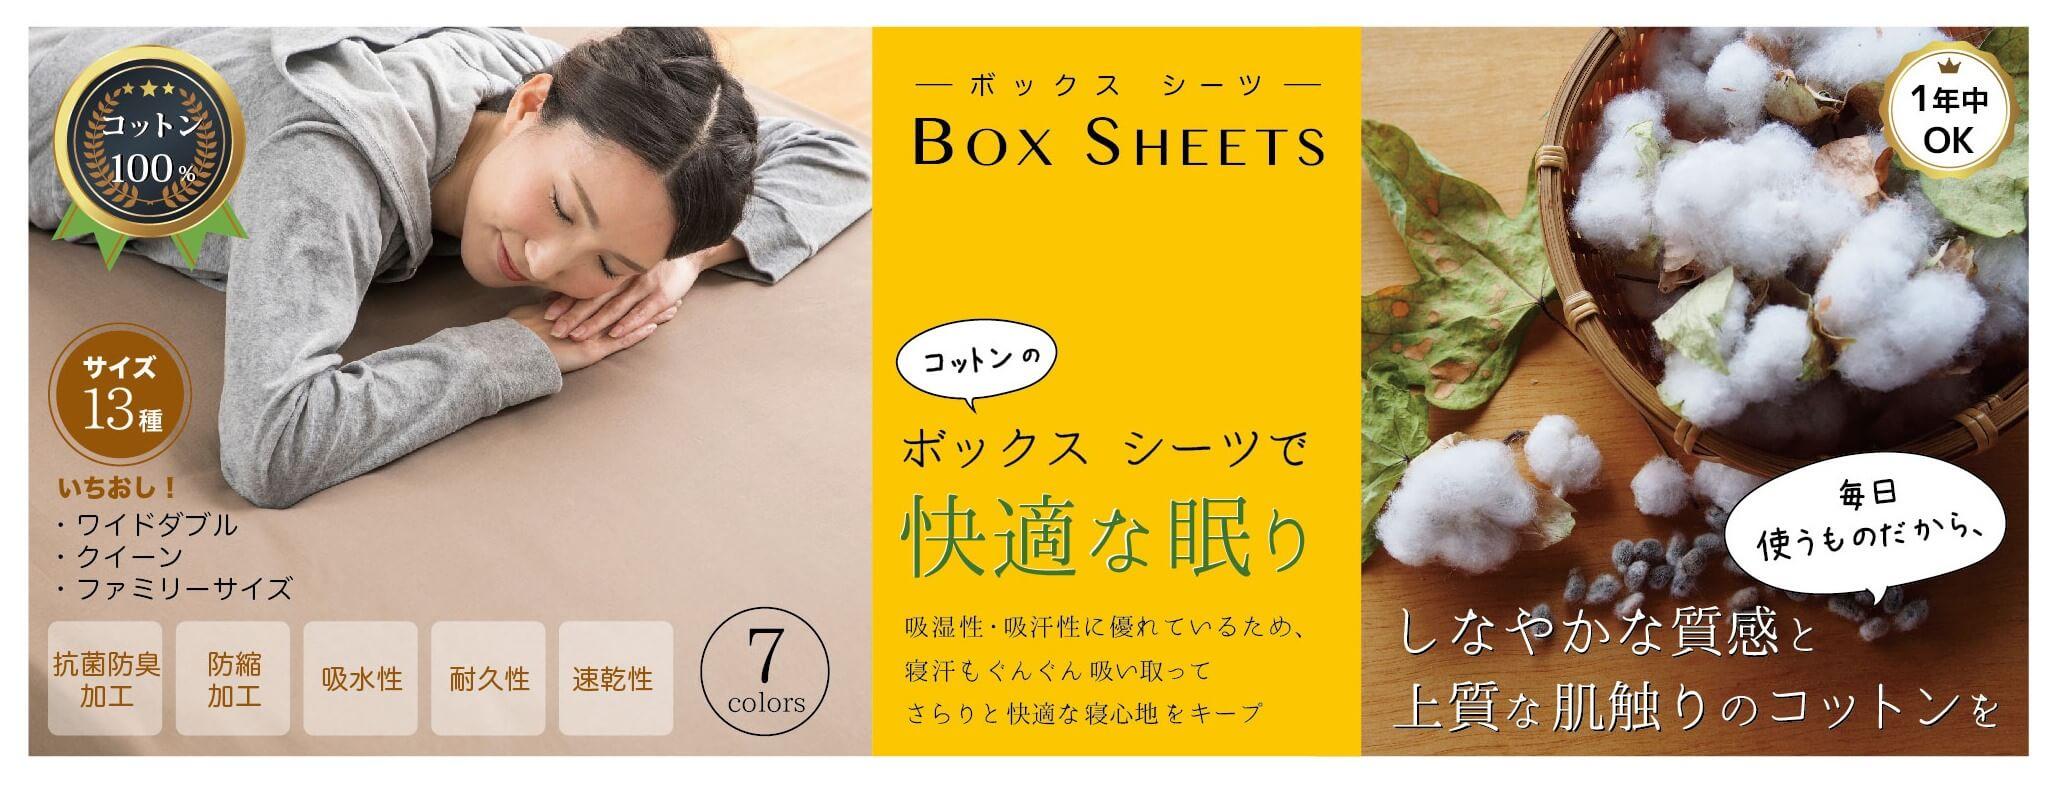 ボックスシーツで快適な眠り